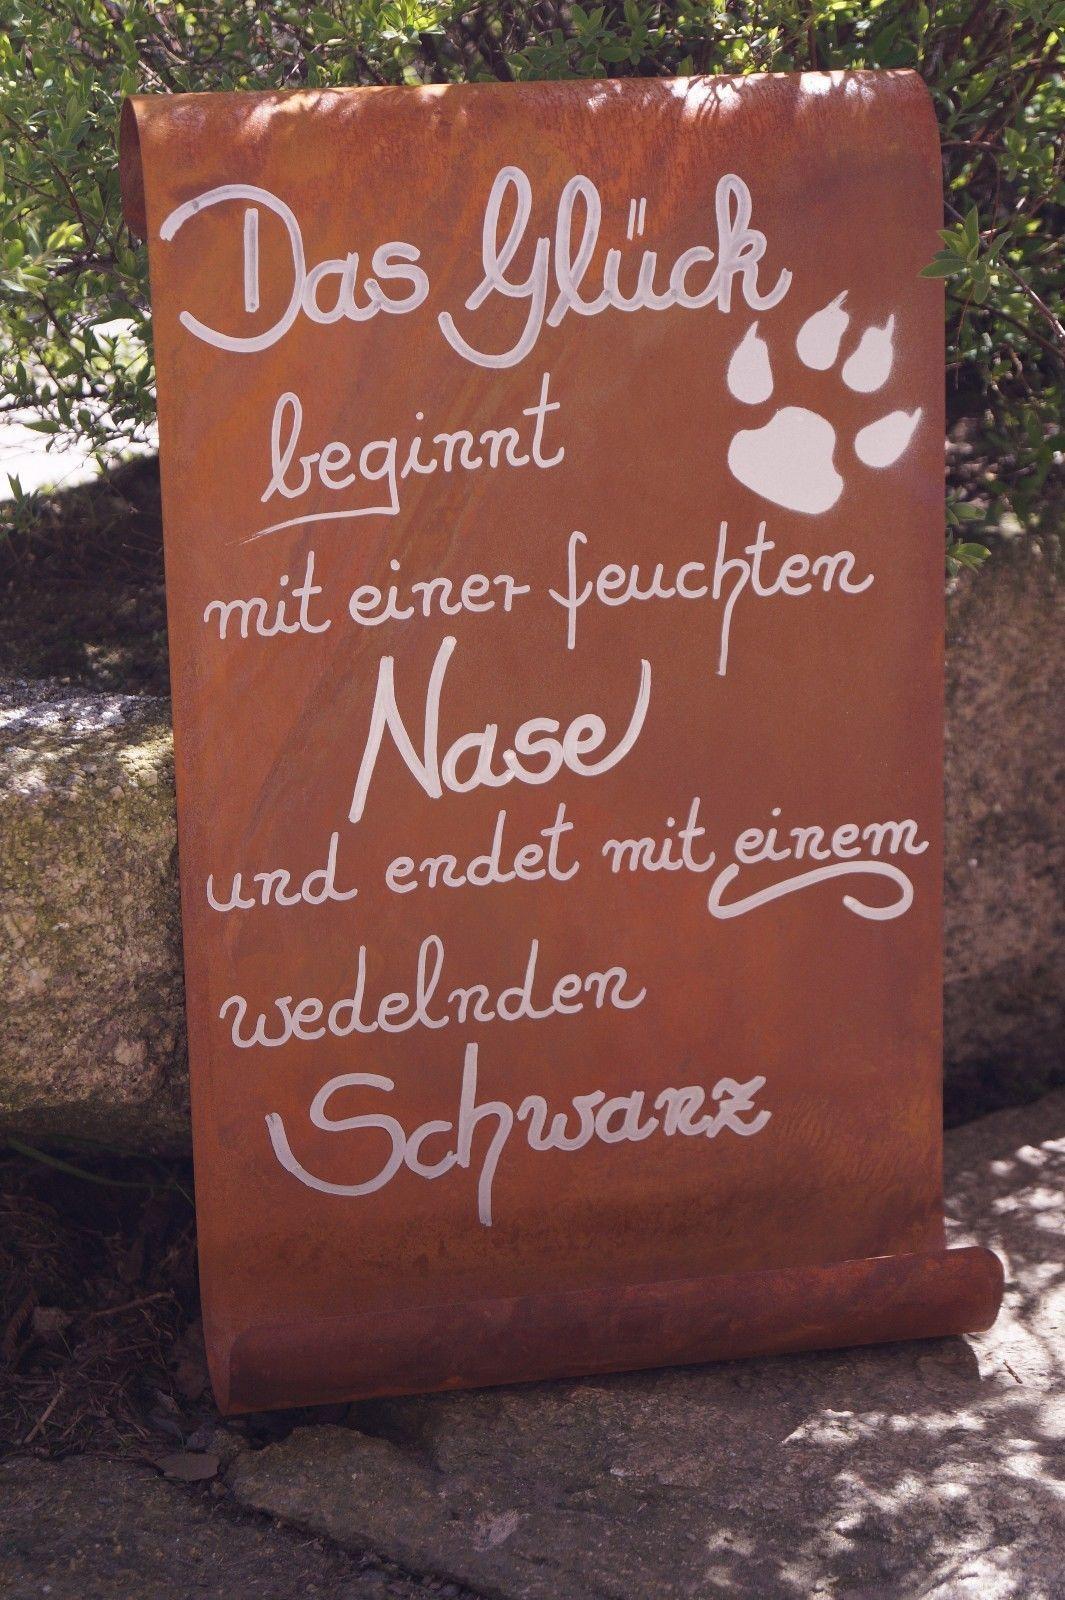 Edelrost Tafel Das Gluck Beginnt Garten Schild Spruch Hund Geschenk Text Schilder Mit Spruchen Schilder Zitate Hund Geschenke